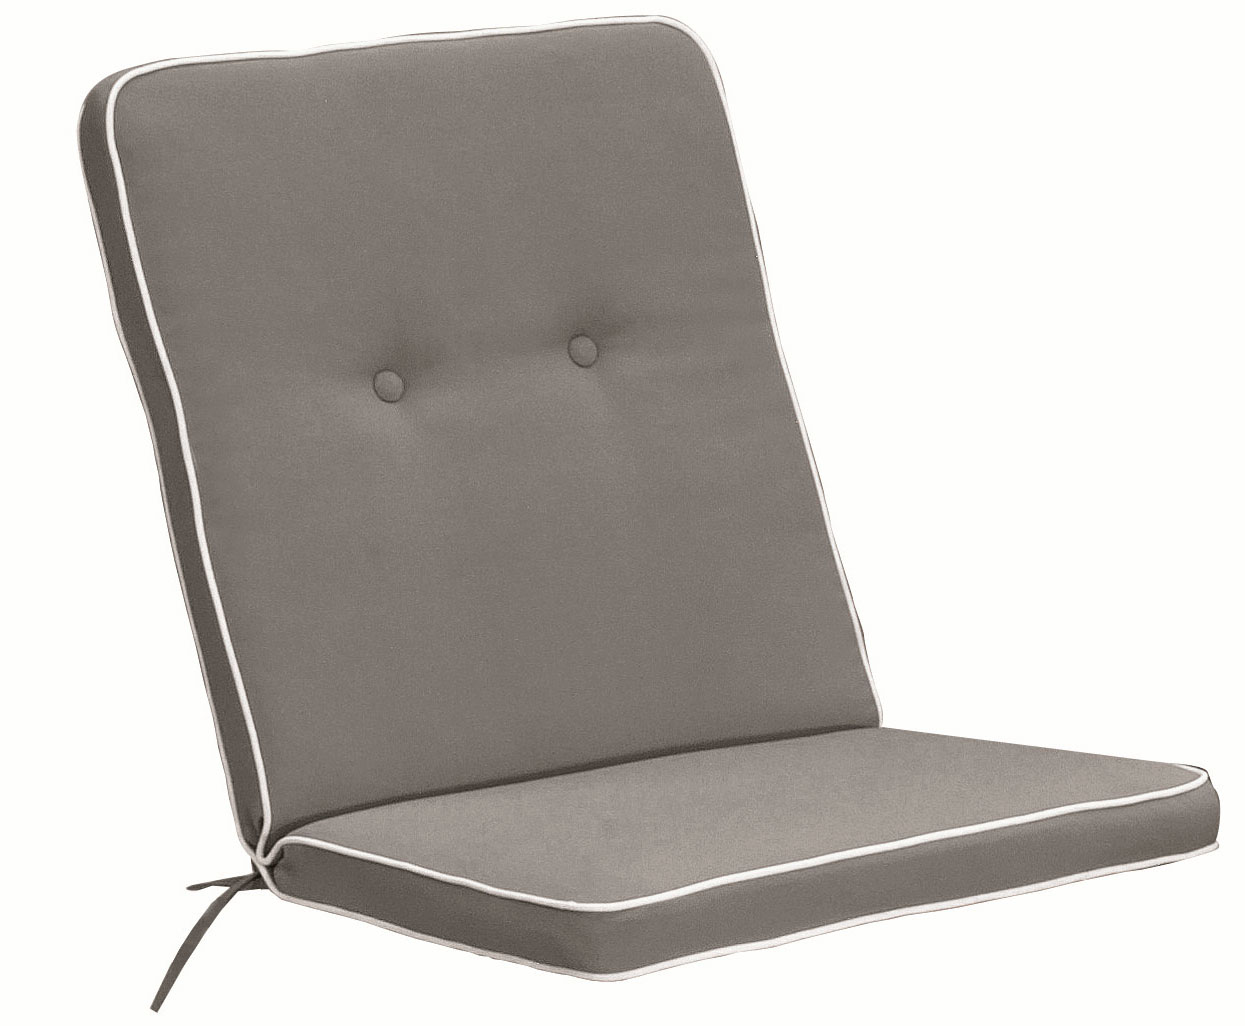 Cuscino per poltrona bassa 92x46 cm con bordino TORTORA